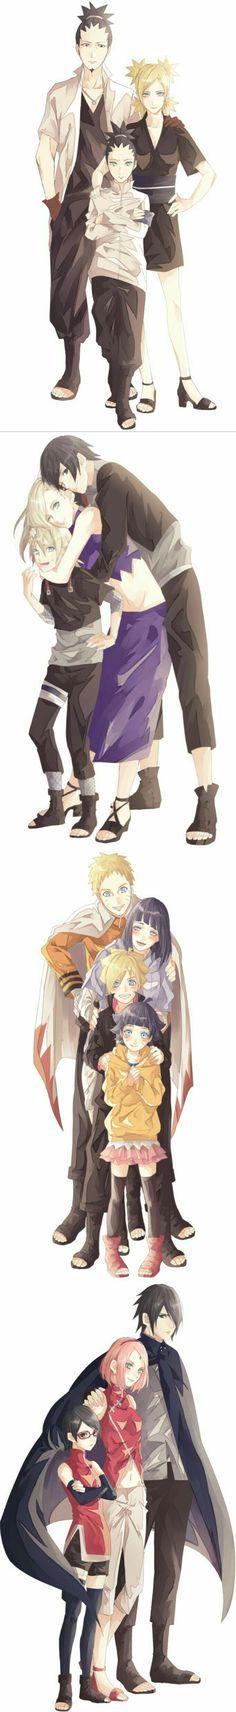 Shikamaru, Temari, Shikadai, Ino, Sai, Inojin, Naruto, Hinata, Himawari, Boruto, Sasuke, Sakura, Sarada, couples, family, Nara family, Yamanaka family, Uzumaki family, Uchiha family; Boruto